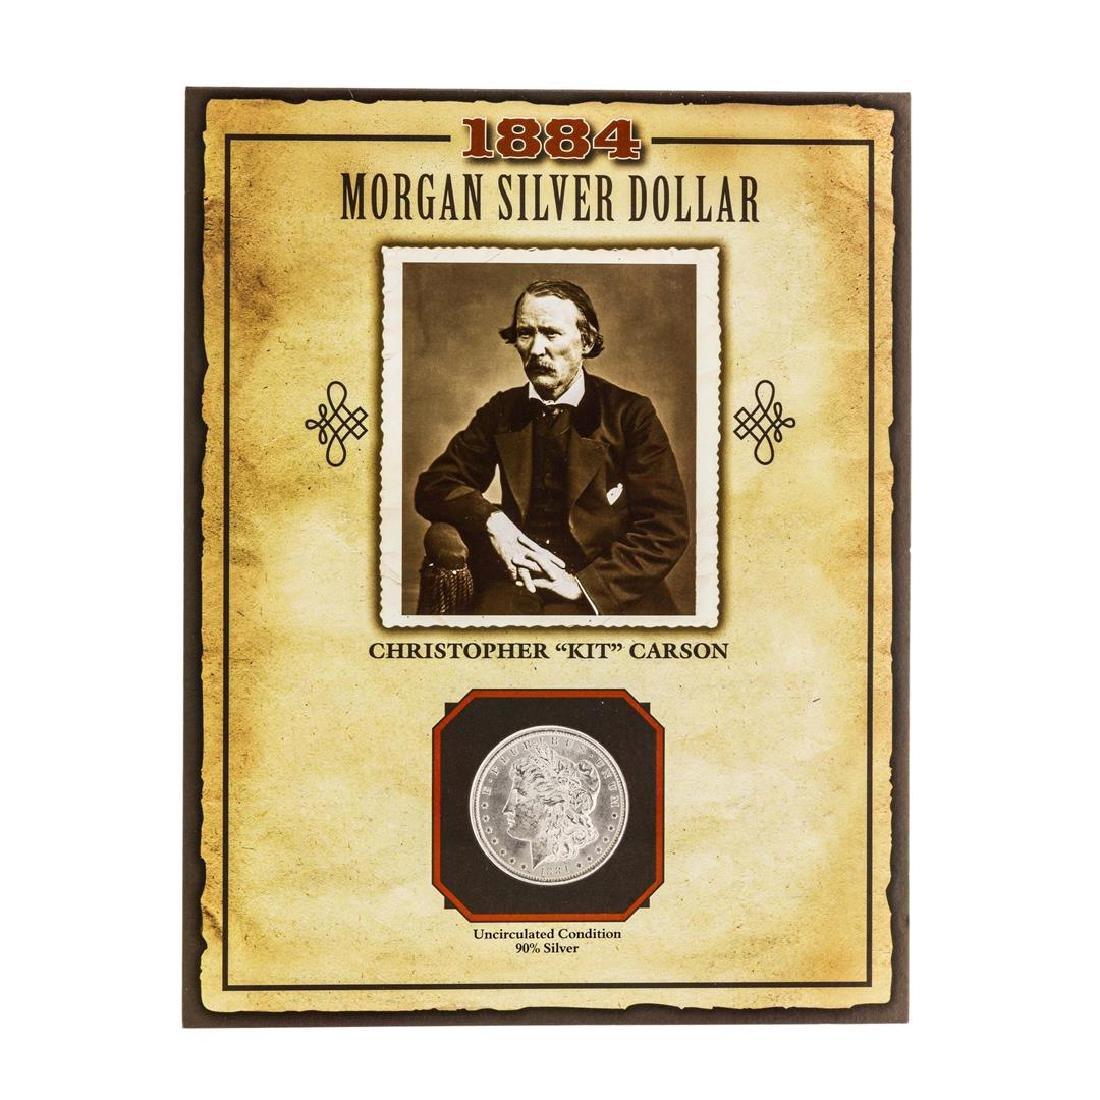 1884-O $1 Morgan Silver Dollar Coin with Christopher